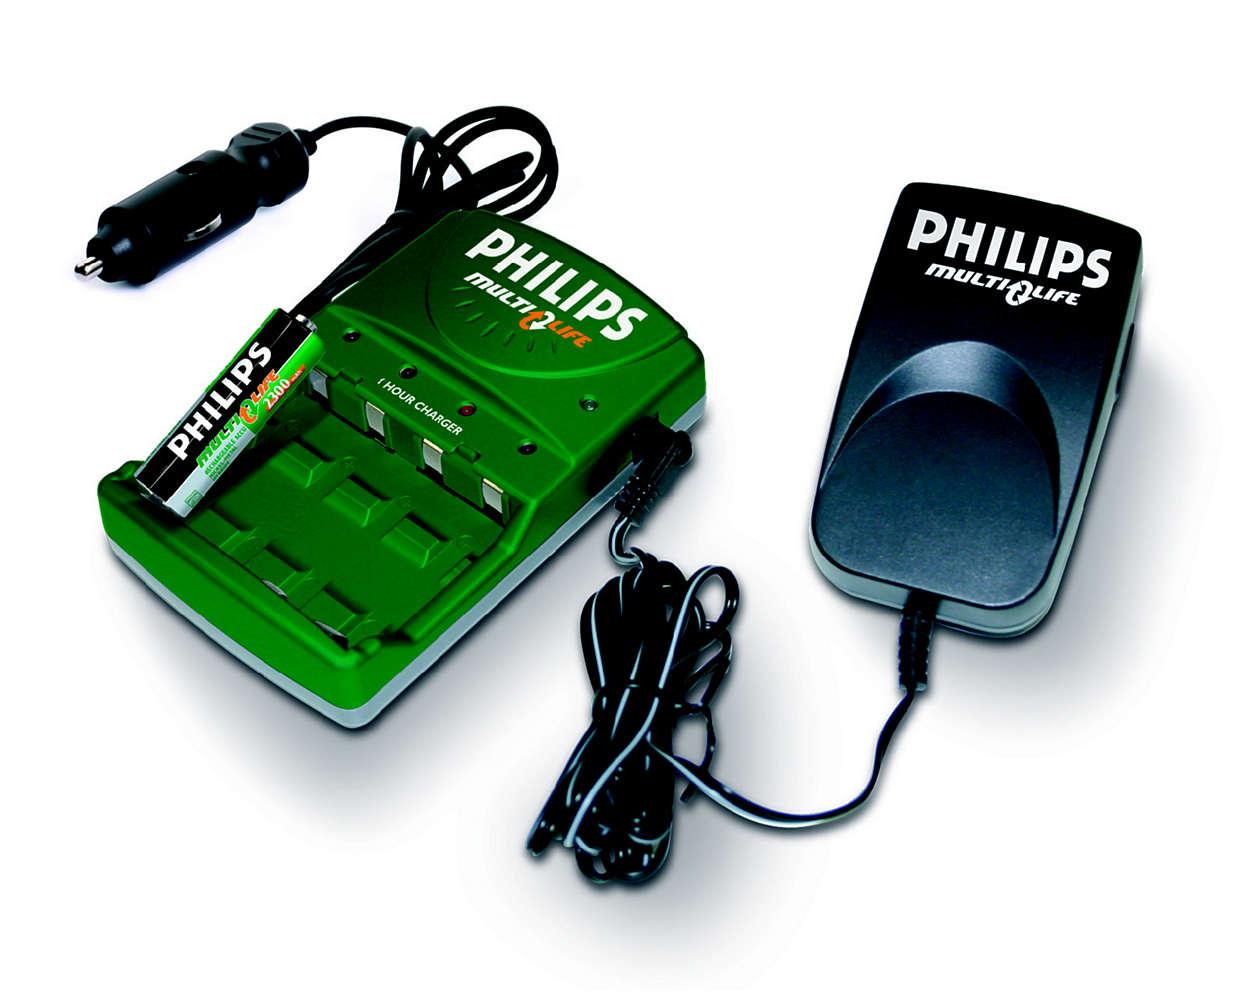 Oplad 1 til 4 AA-batterier fuldt på op til 45 minutter